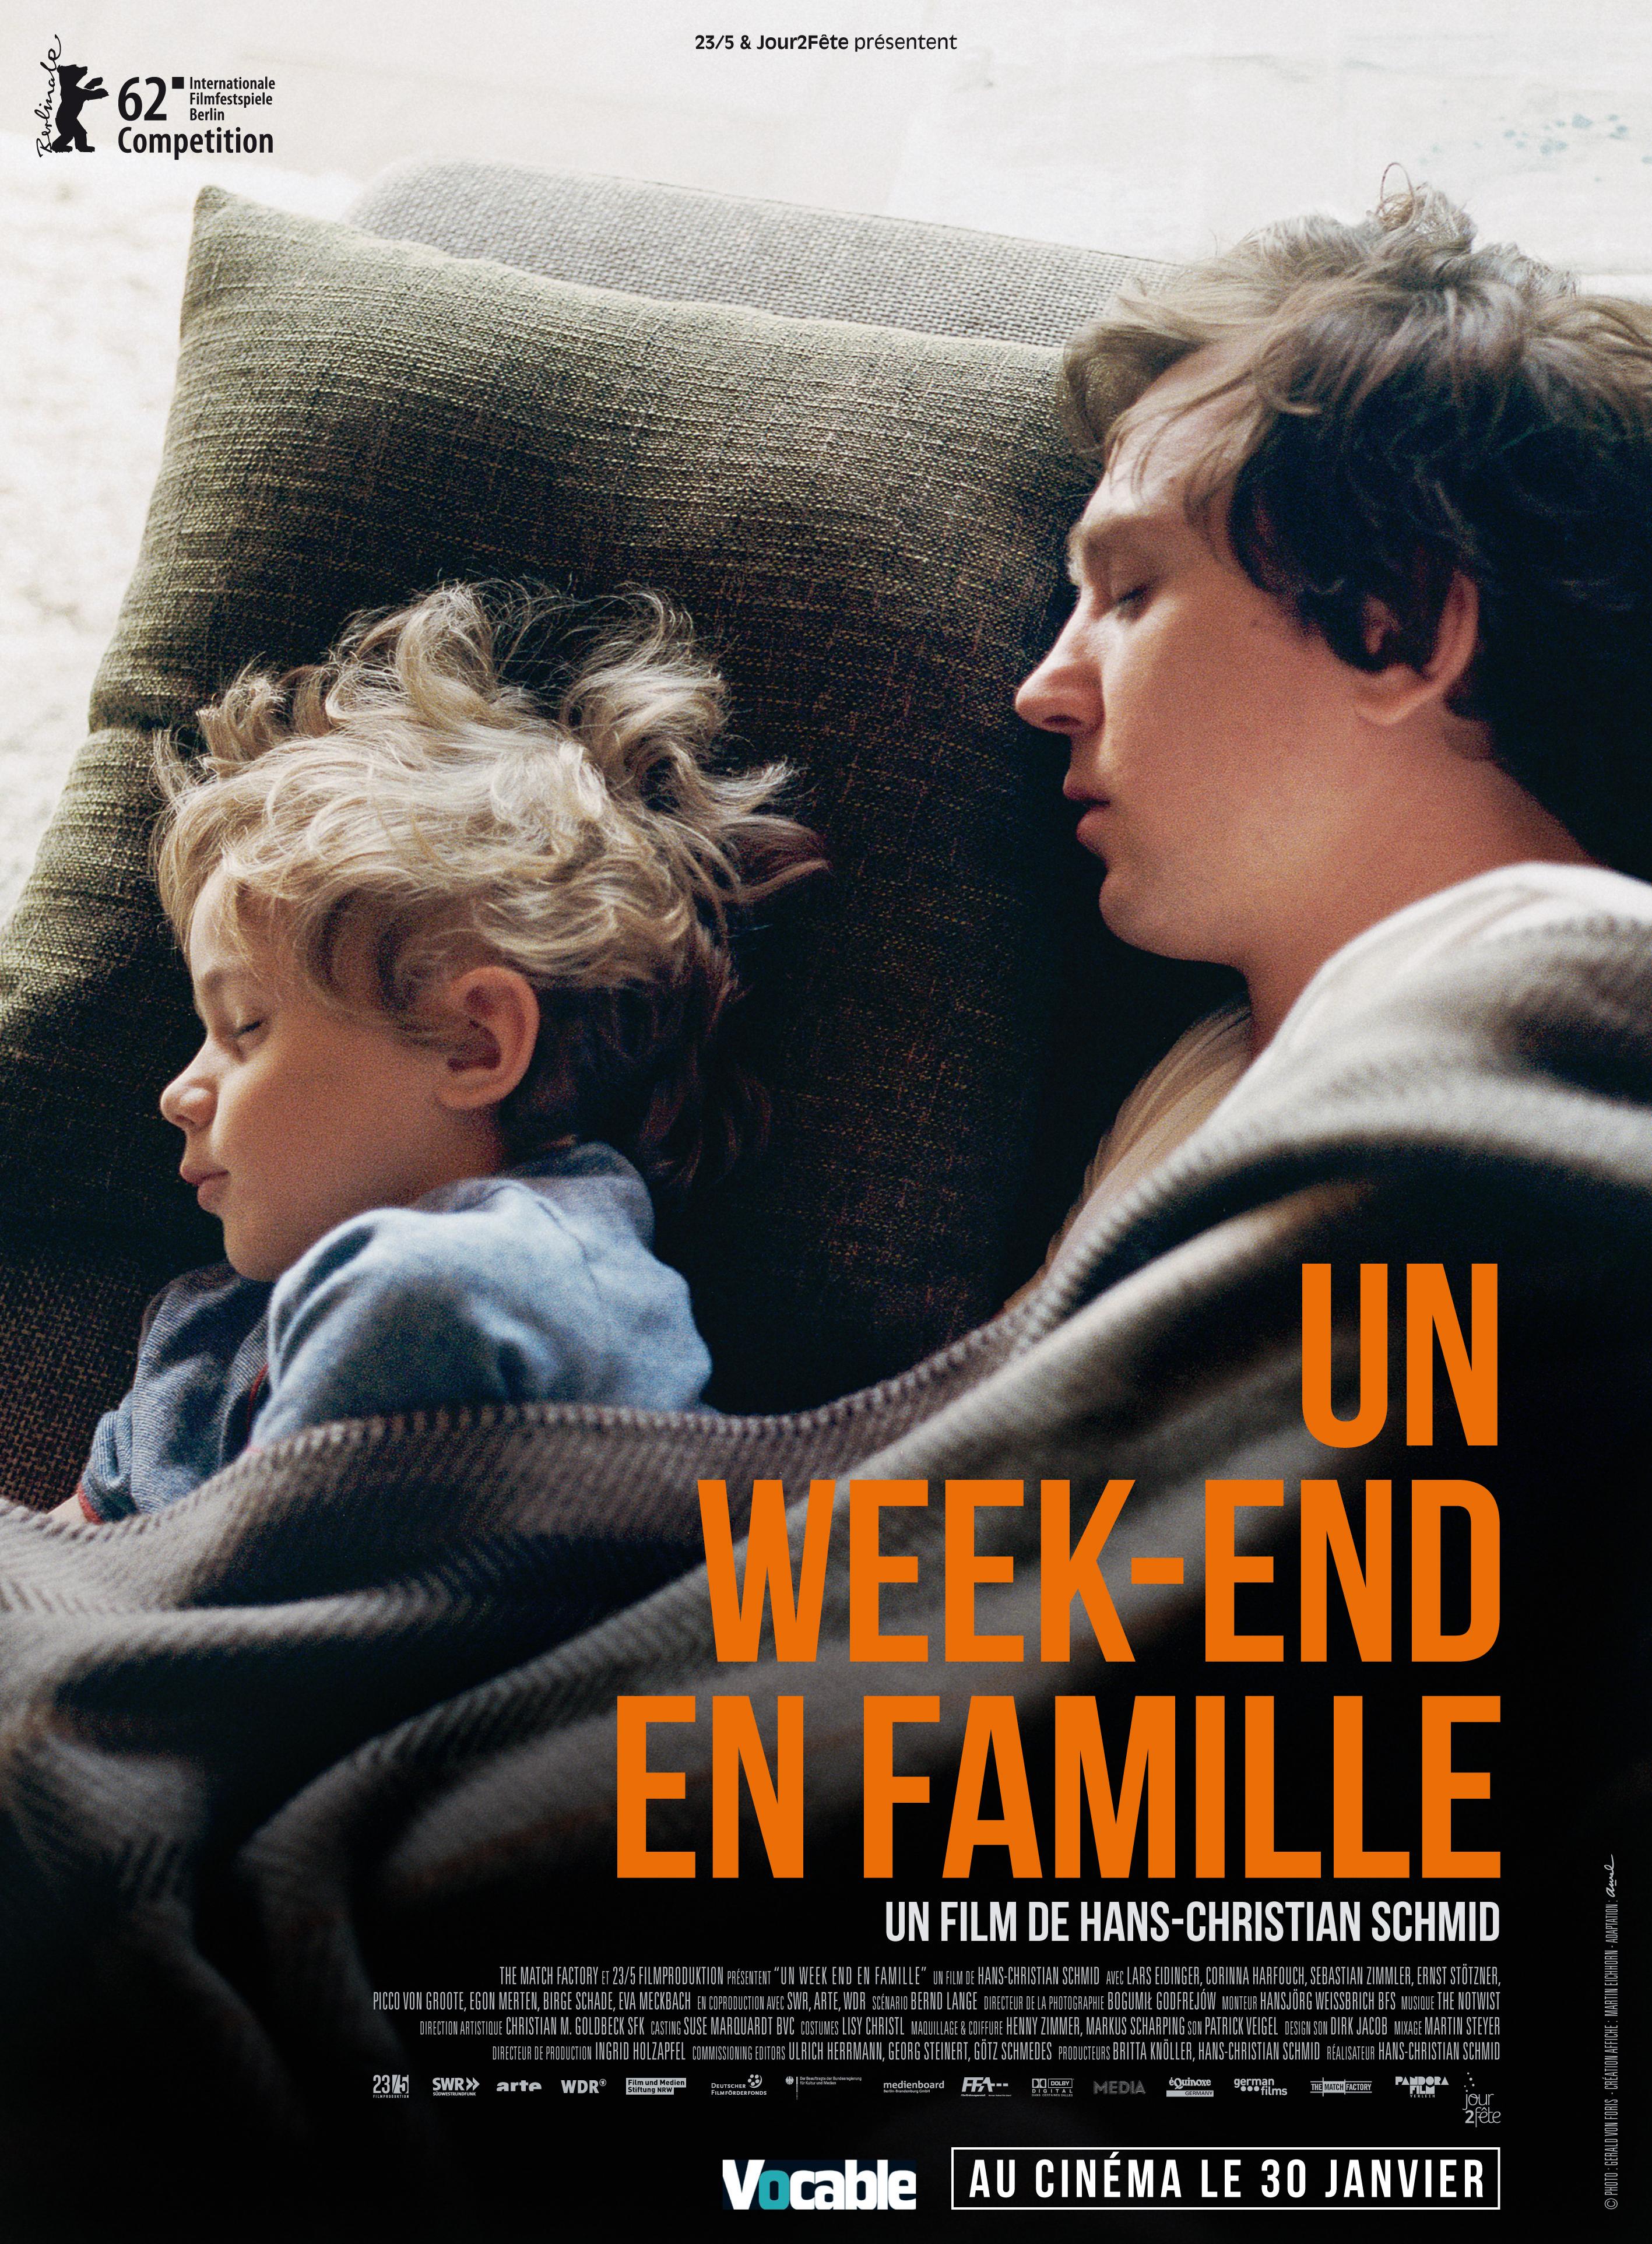 UN_WE_EN_FAMILLE_120X160